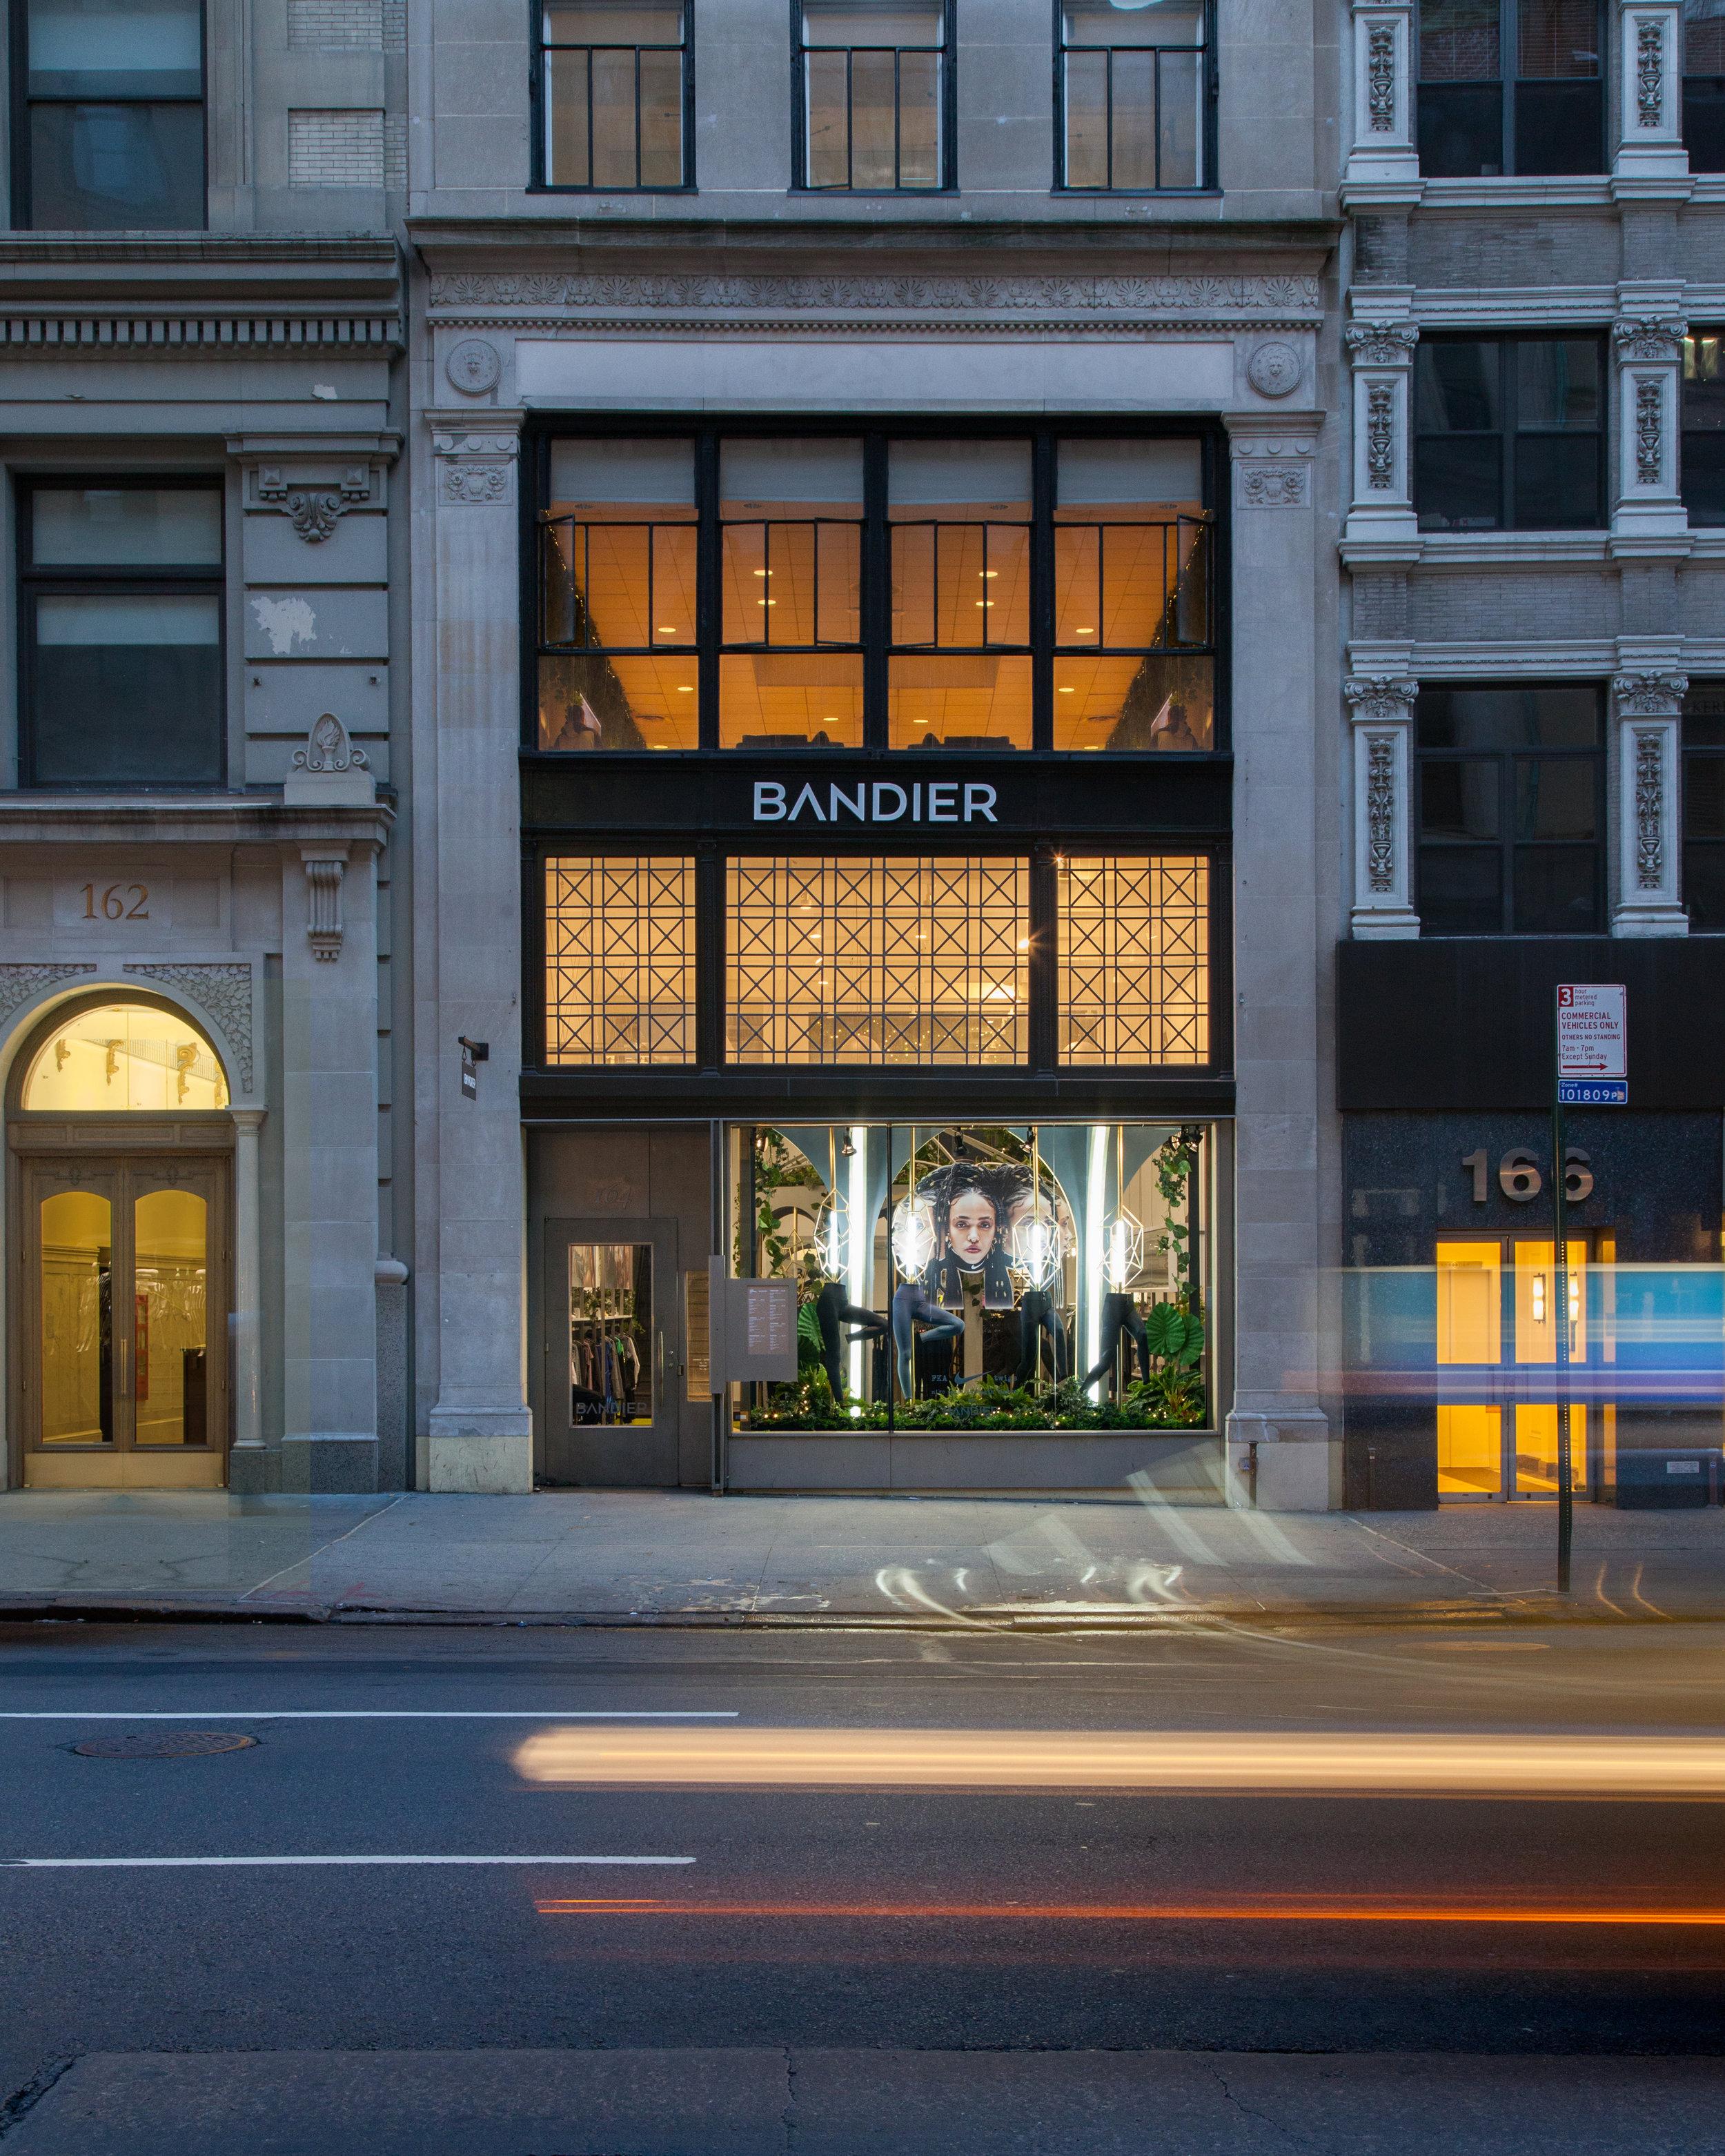 BANDIER-0084-HiRes.jpg